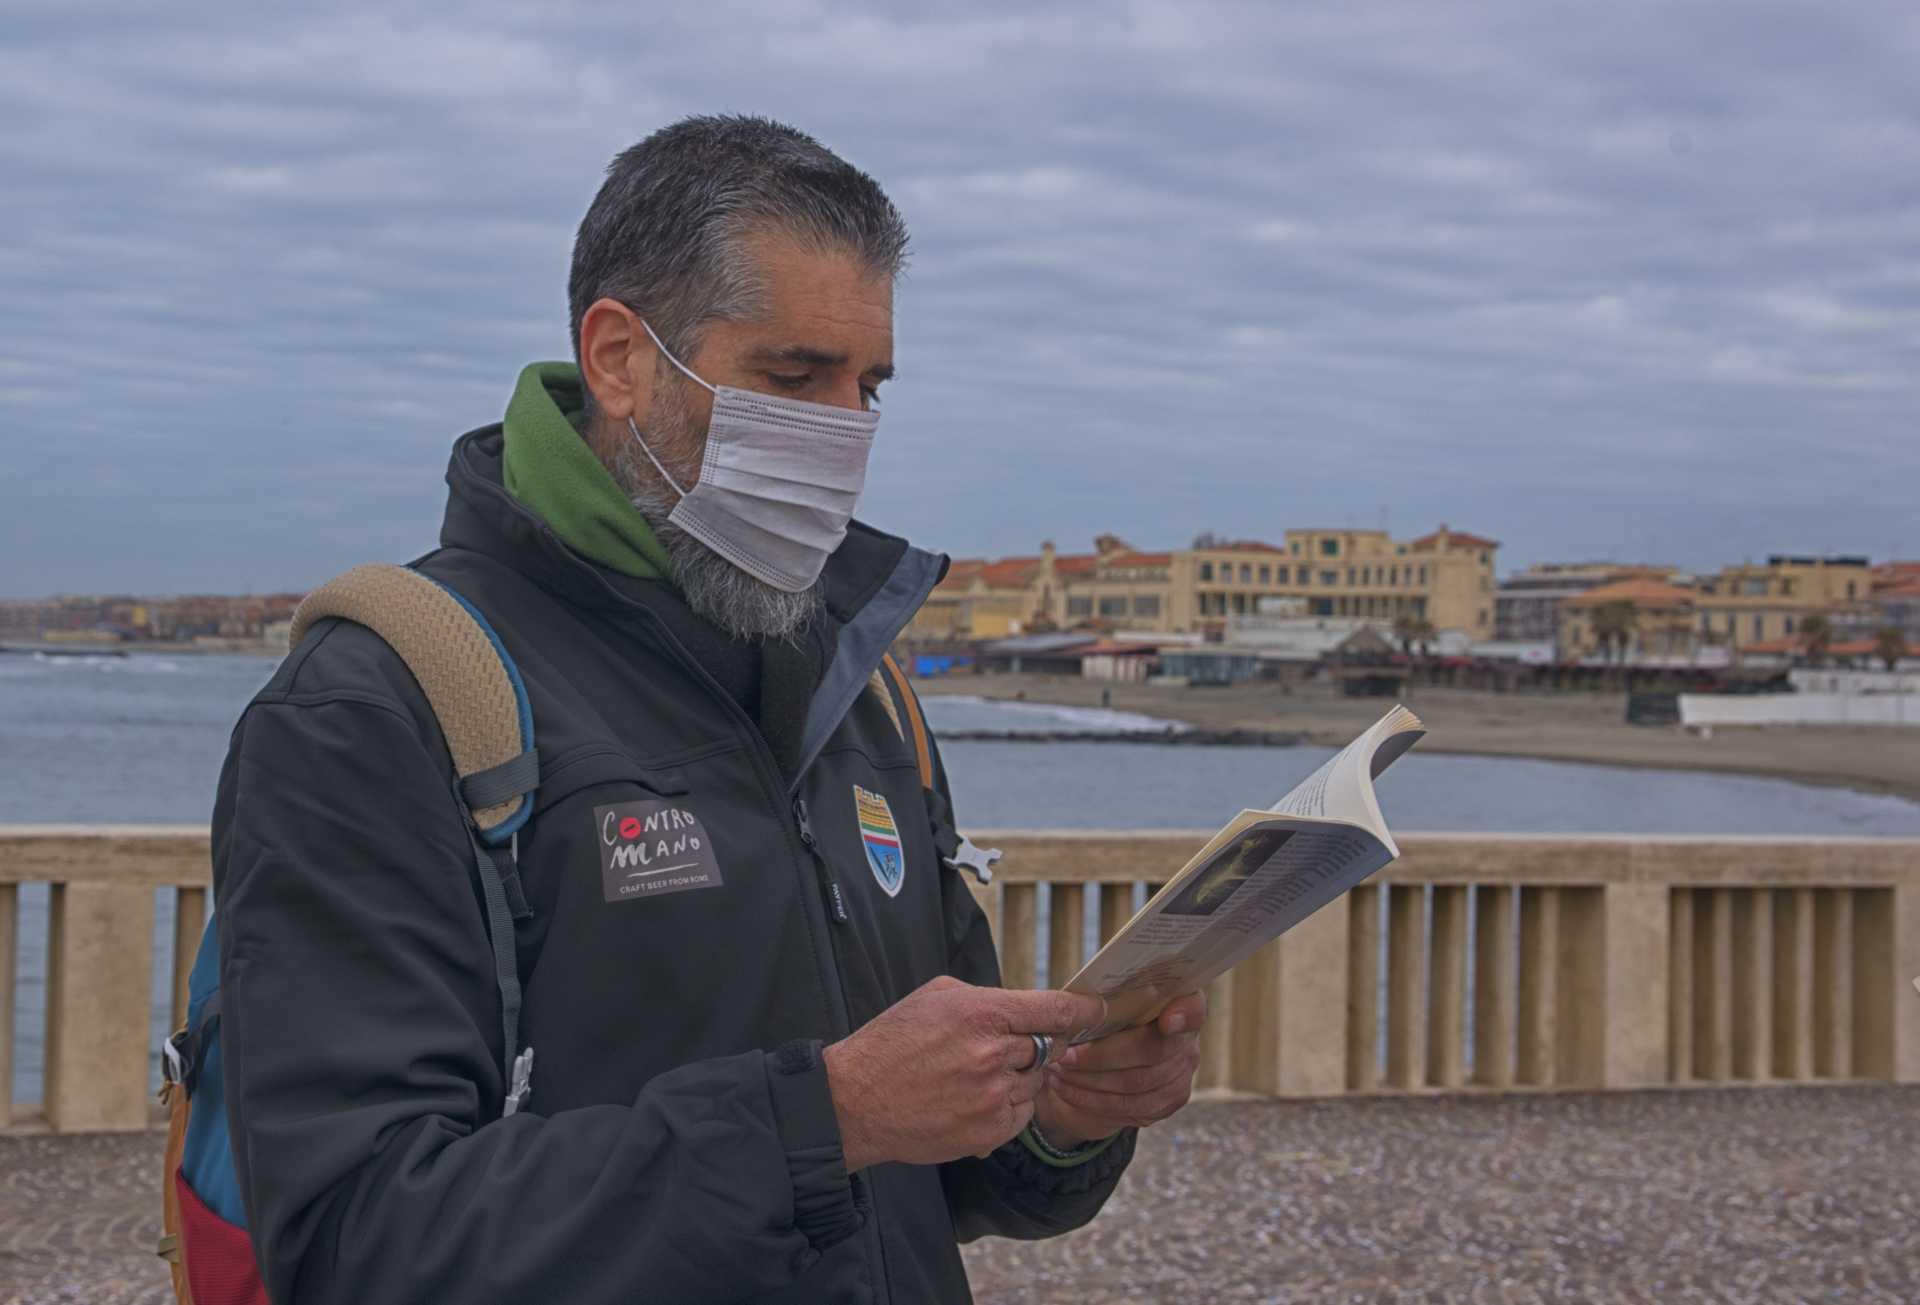 Attacco poetico, flashmob internazionale di poesia che parte da Ostia